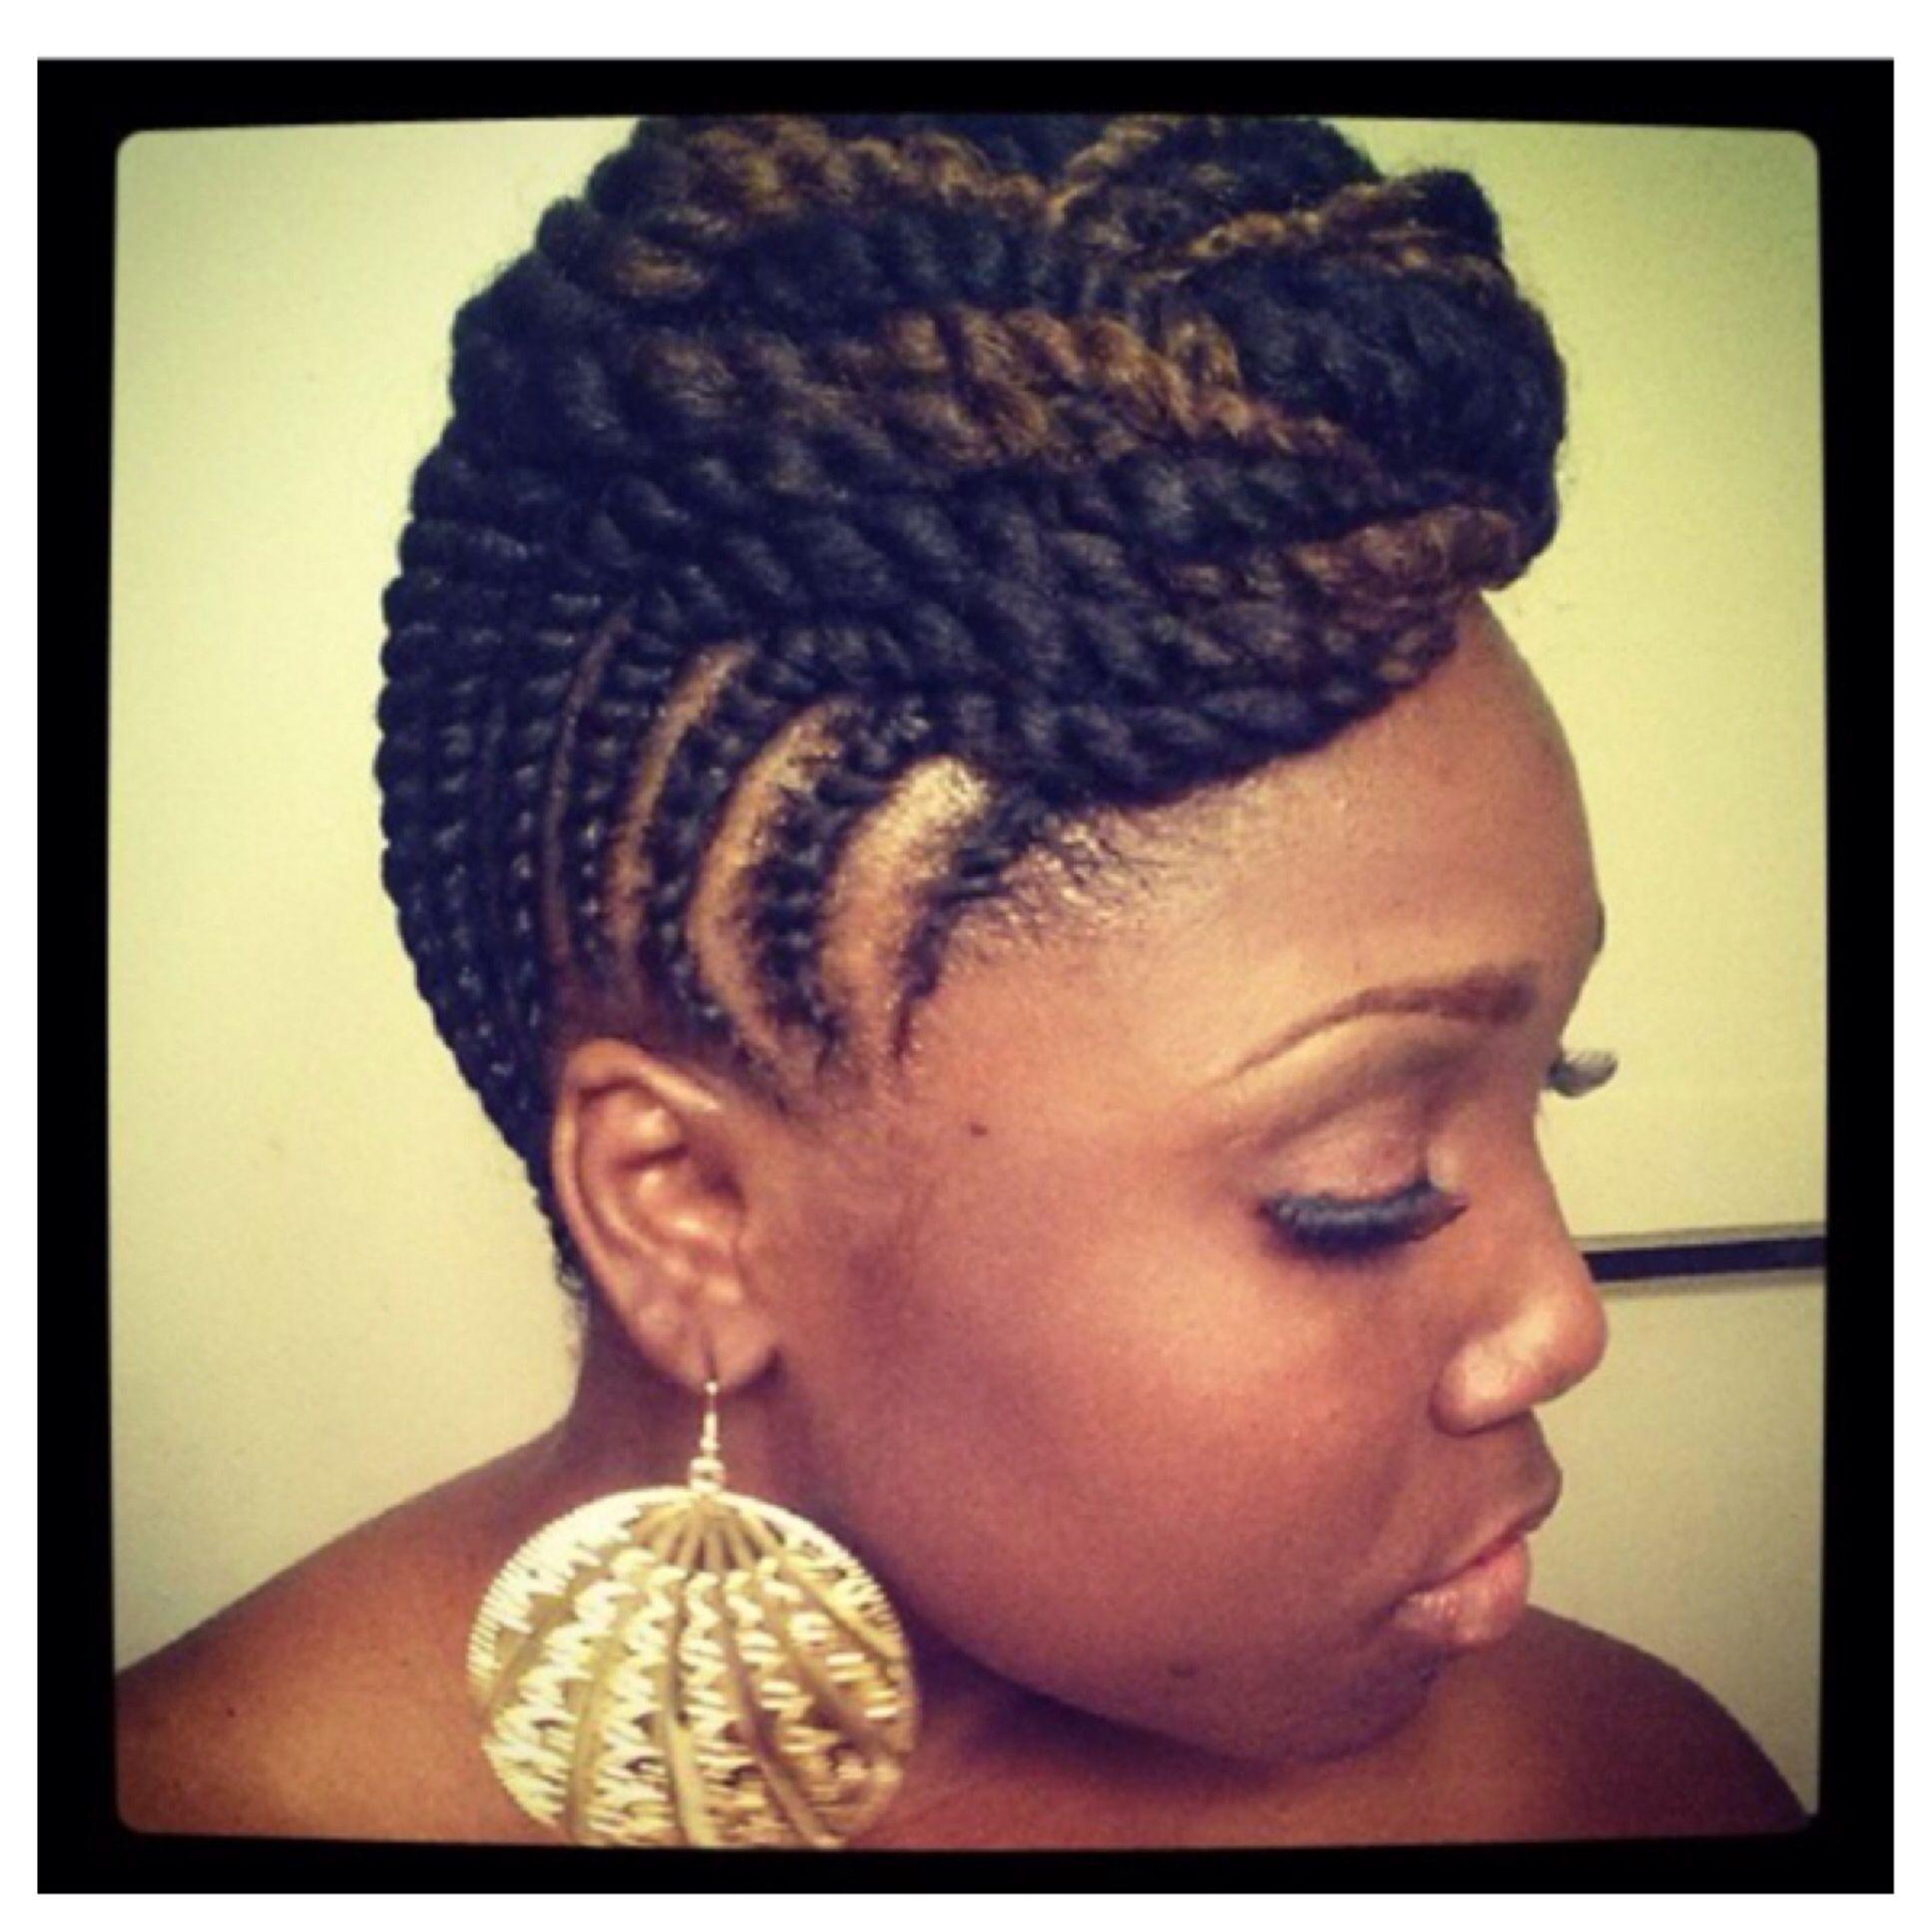 Swell Twist Up Hairstyles Pecenet Com Short Hairstyles Gunalazisus